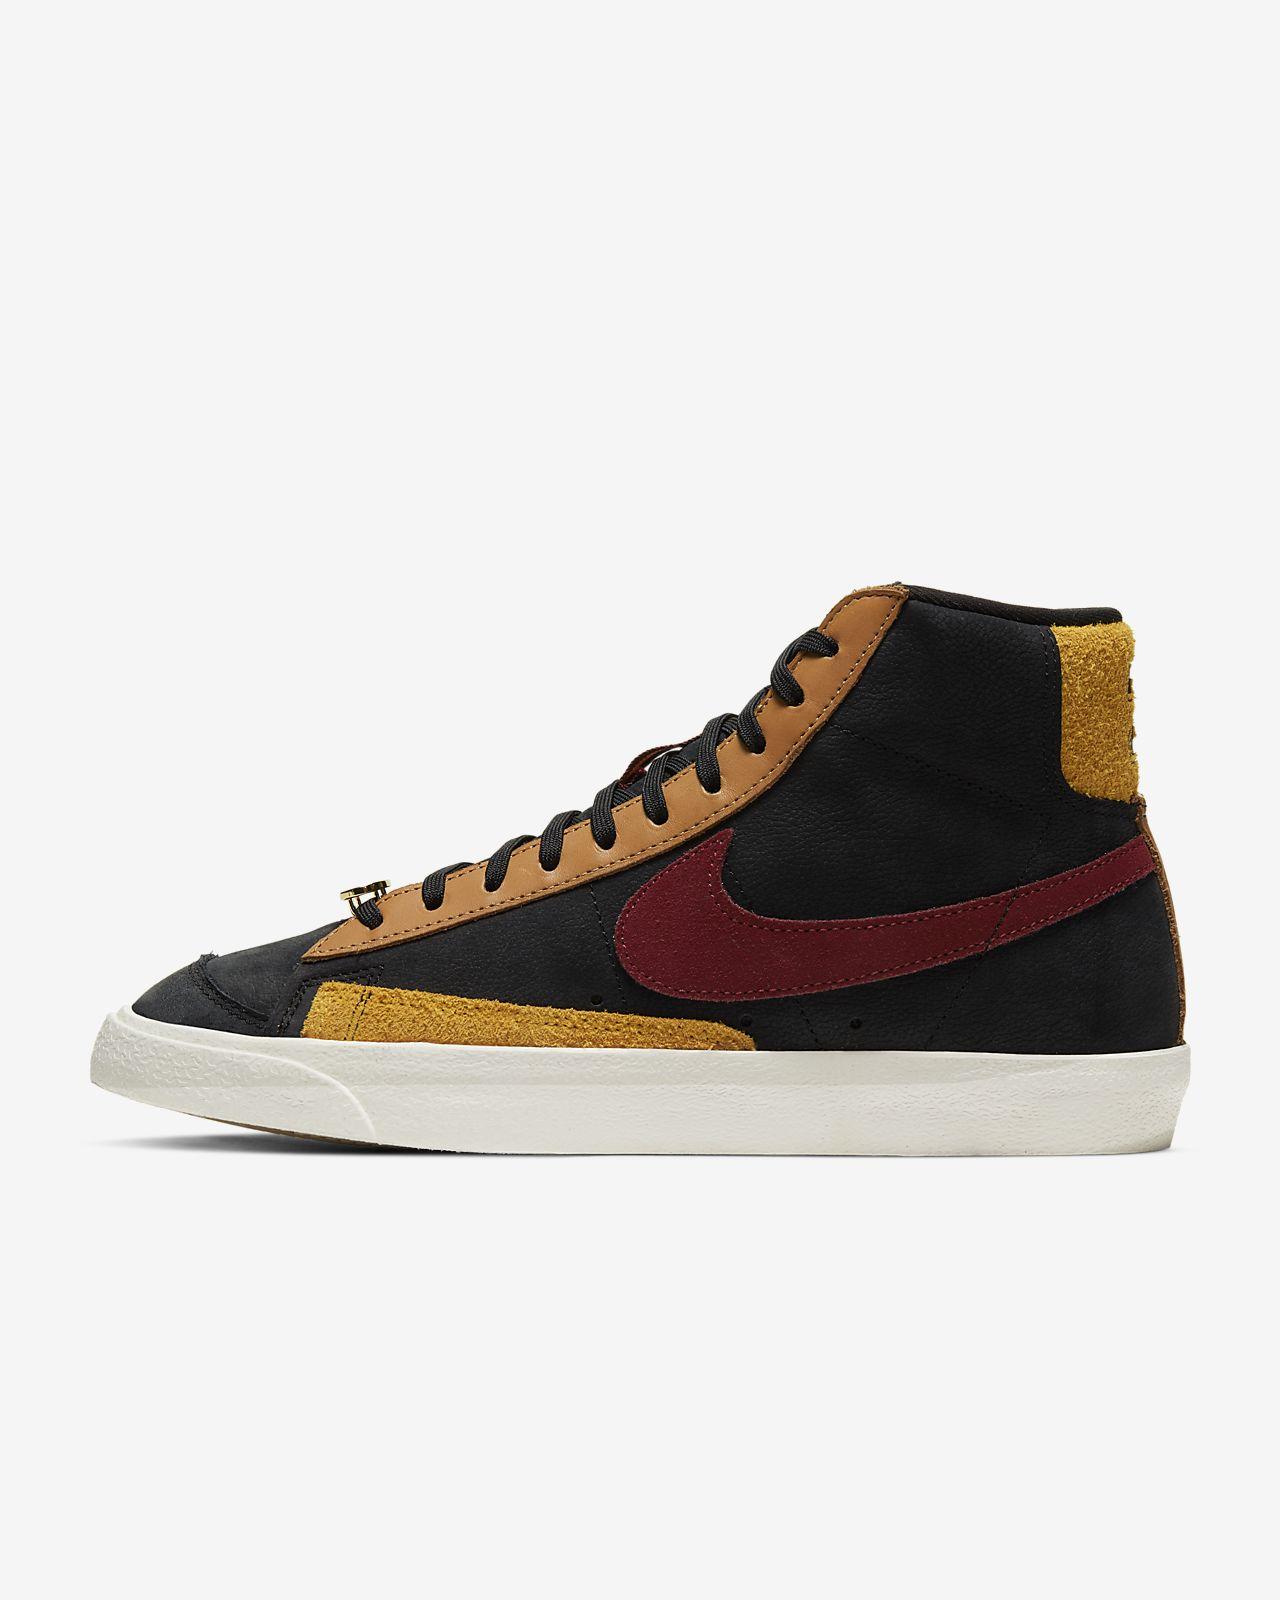 Nike Blazer Mid '77-sko